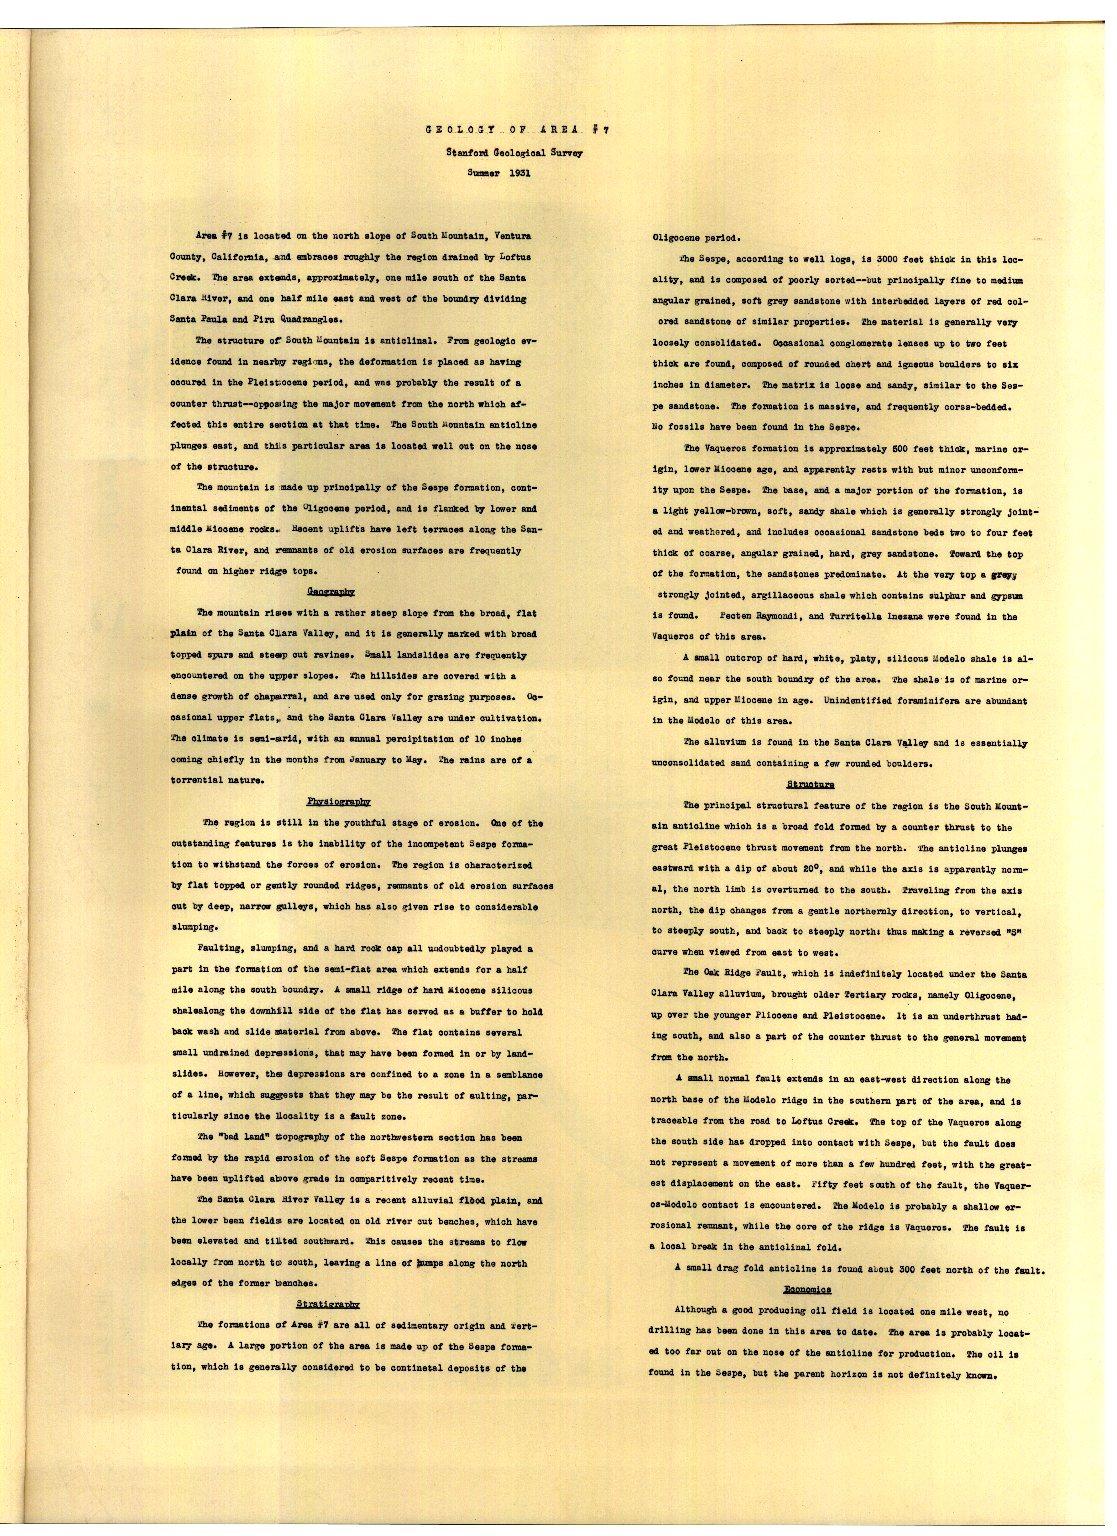 Geologic folio of a part of the Santa Paula quadrangle.